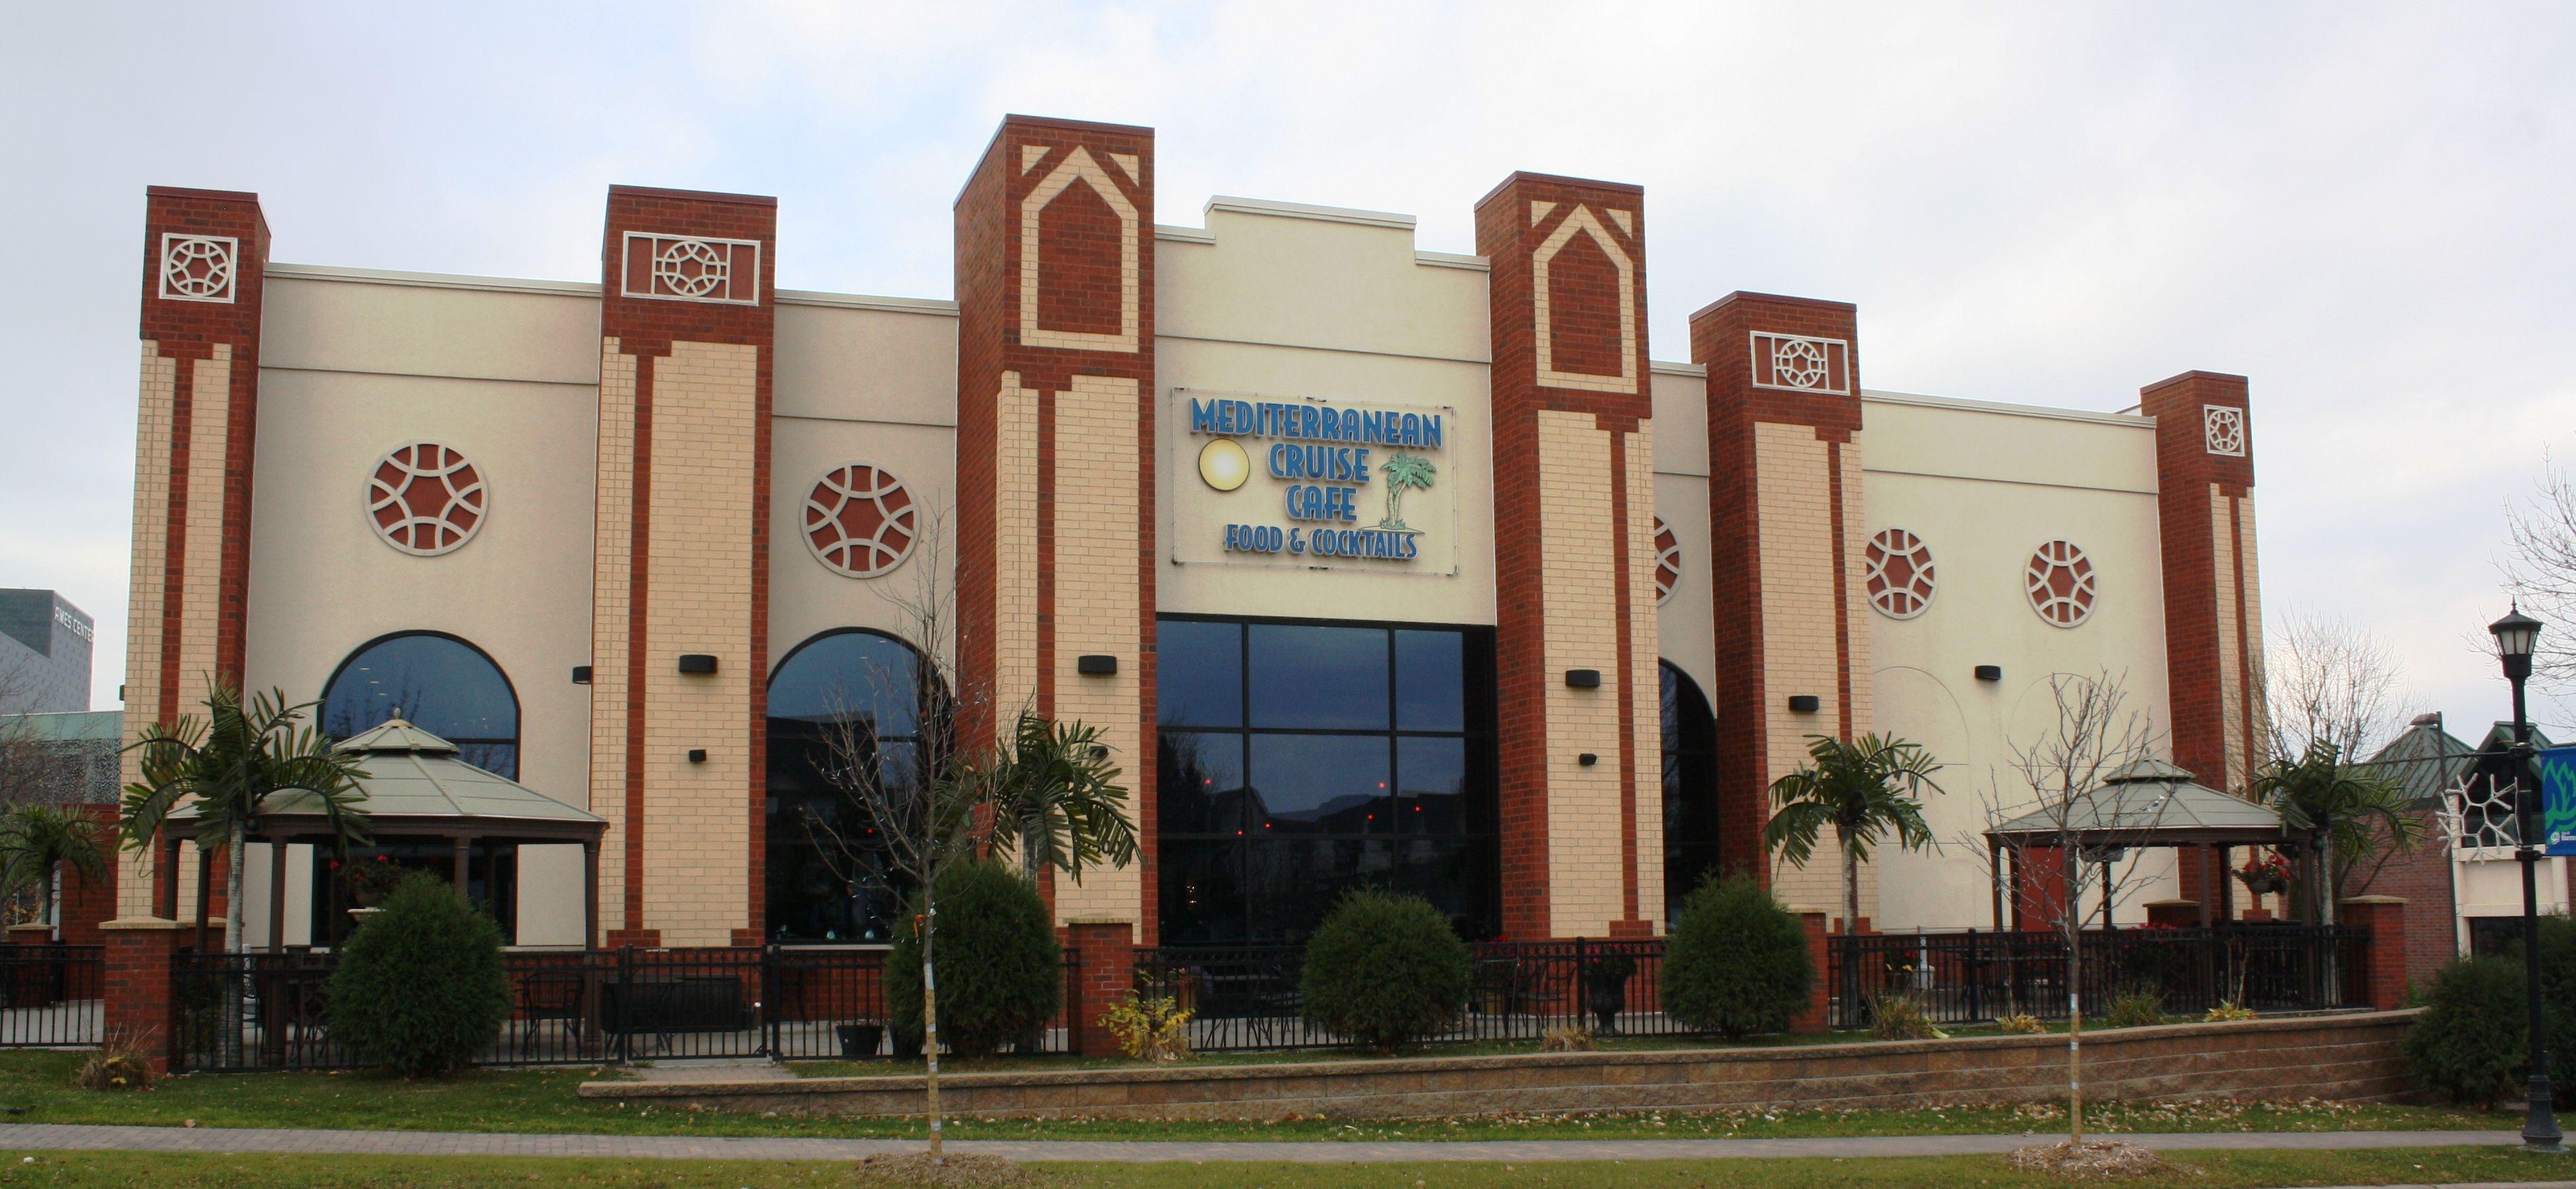 Mediterranean Cruise Cafe. 12500 Nicollet Ave, Burnsville